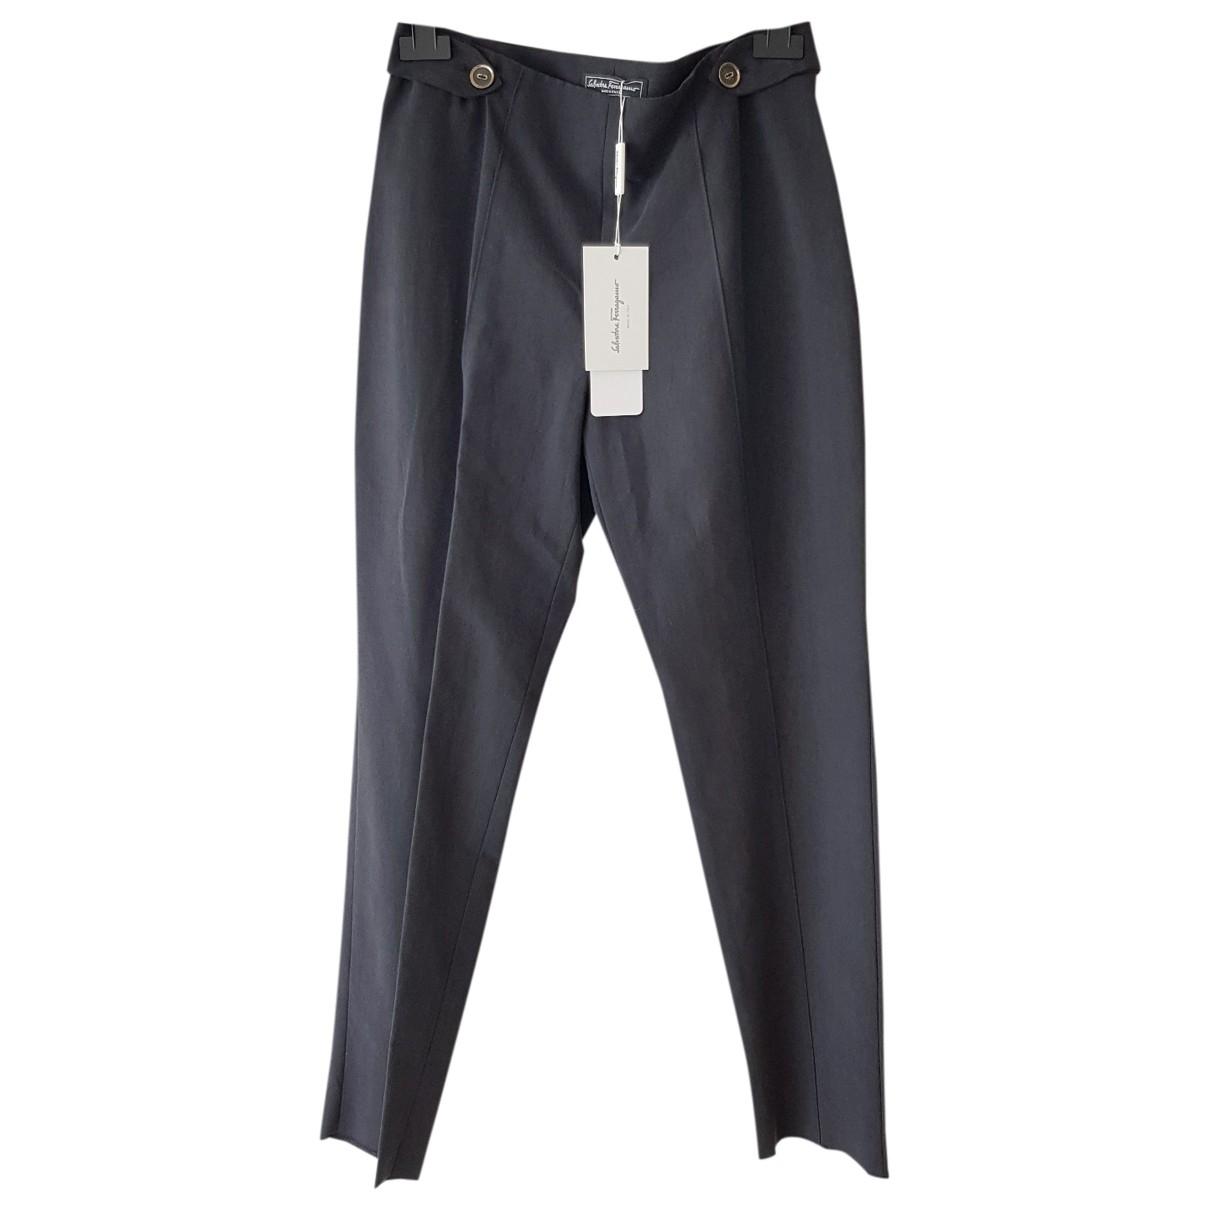 Pantalon recto de Seda Salvatore Ferragamo